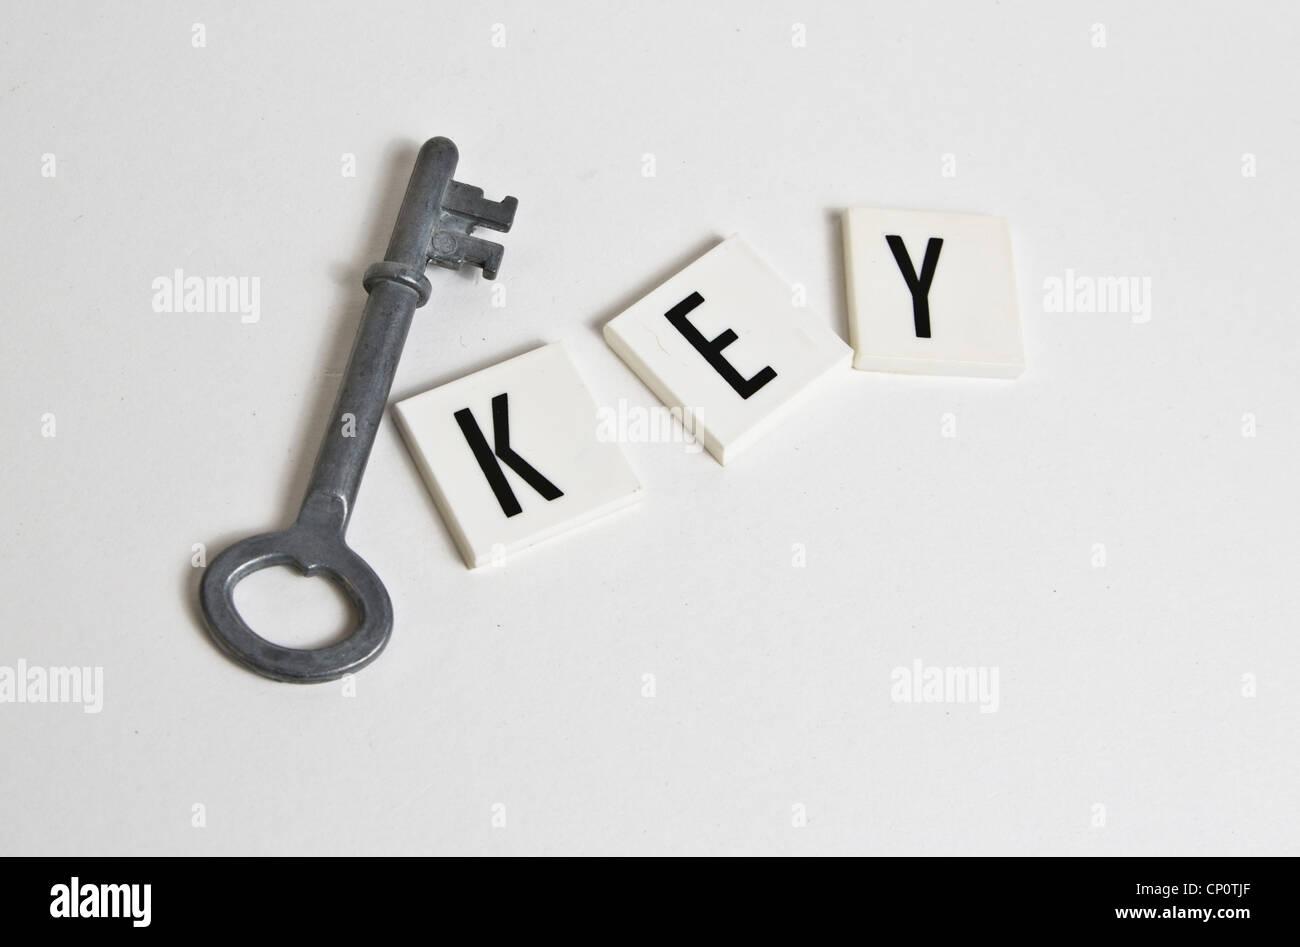 Antigua clave y clave de texto Imagen De Stock